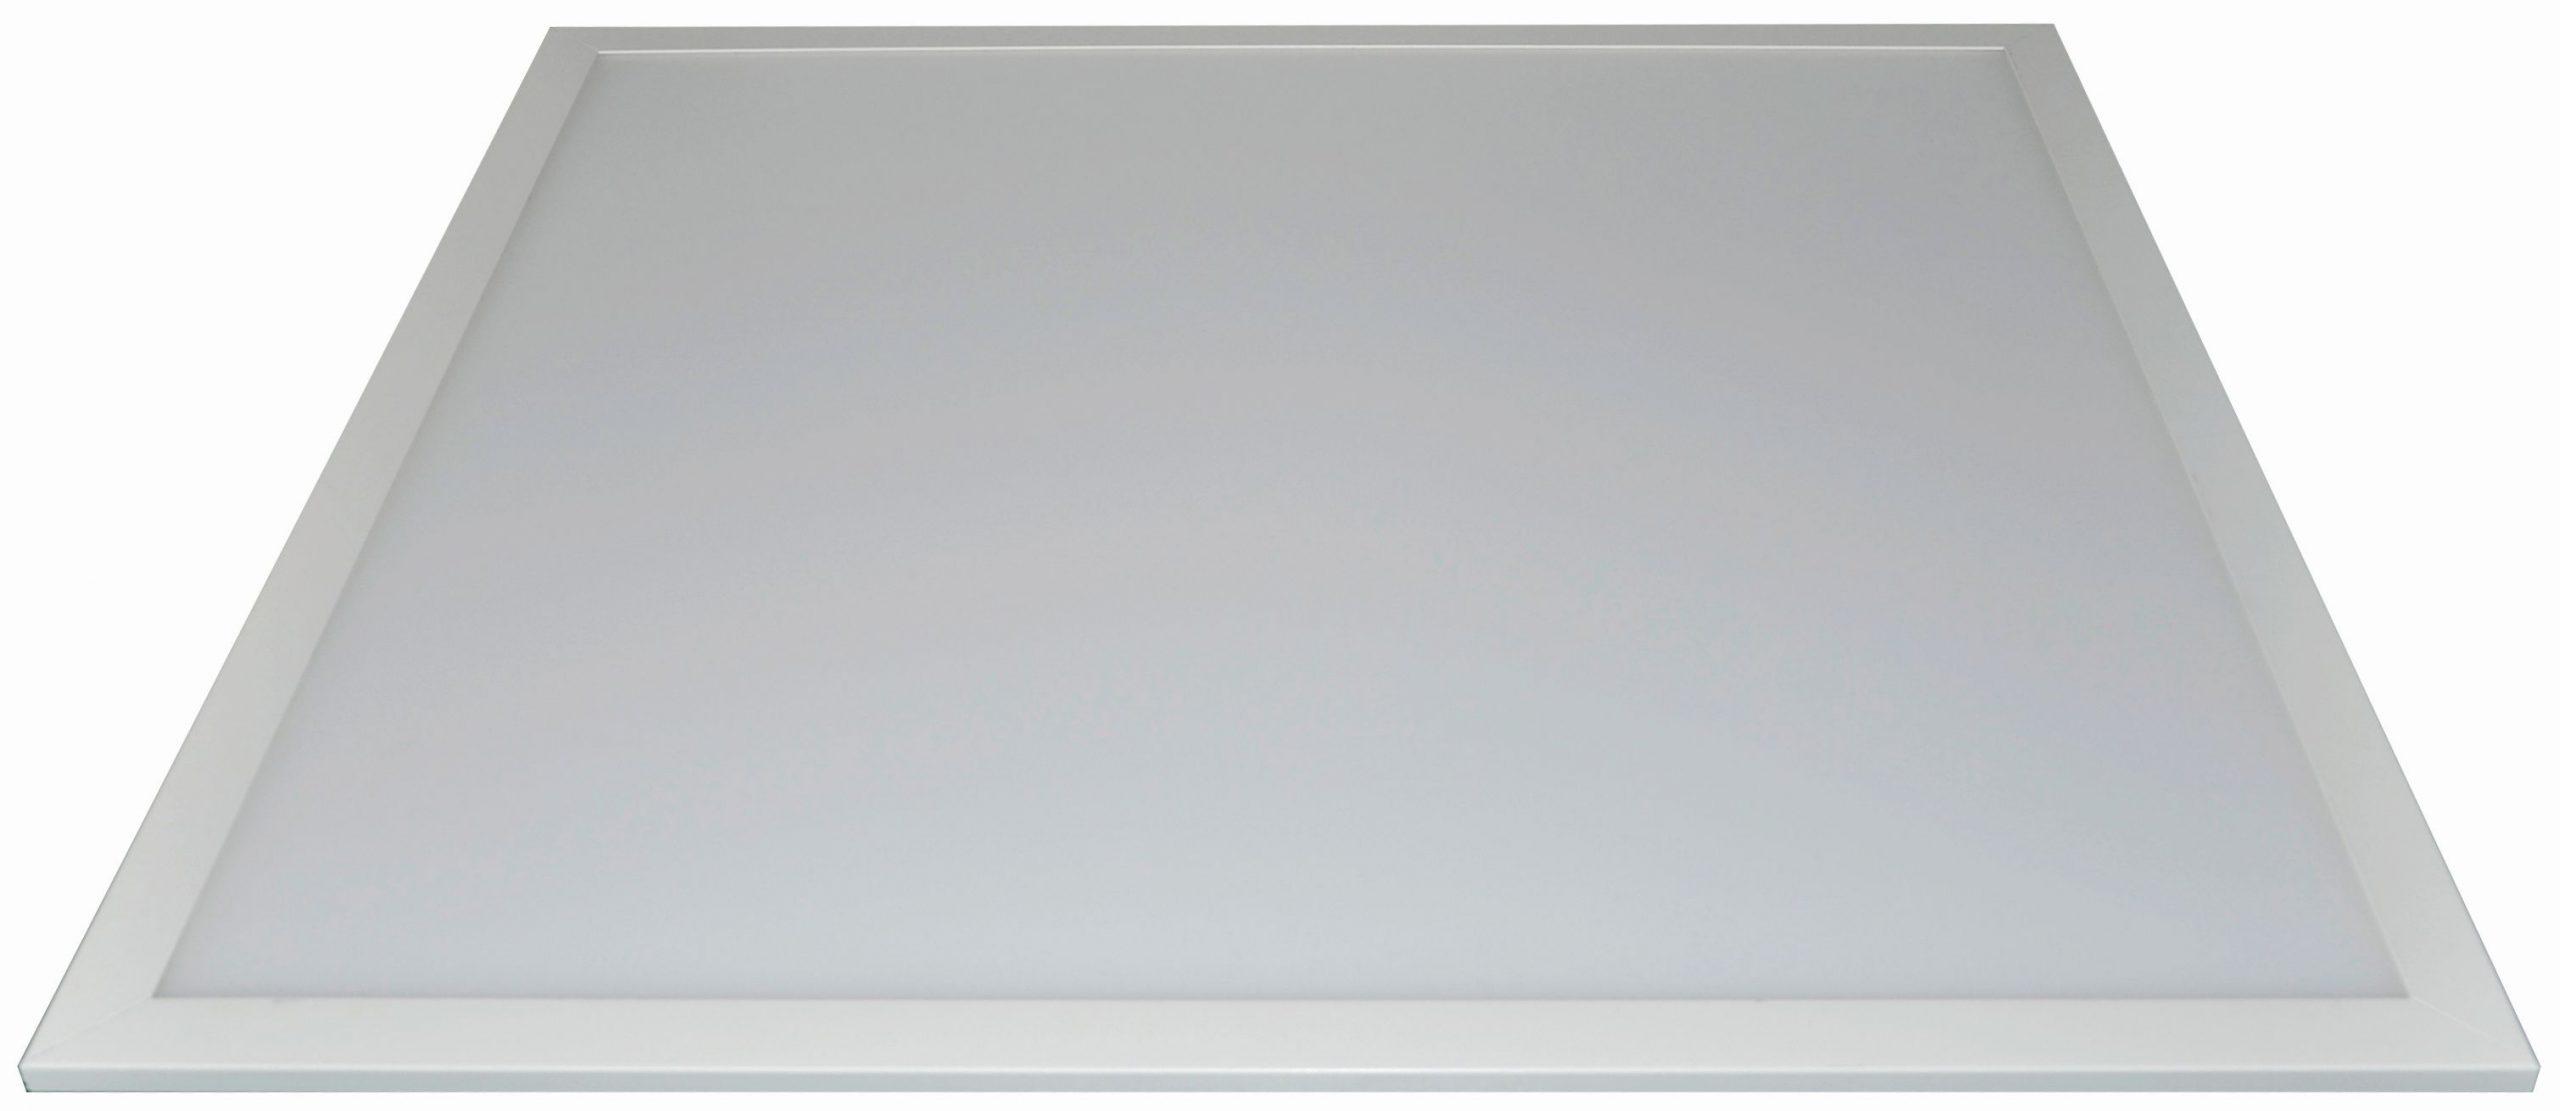 CLPG40W/X/19